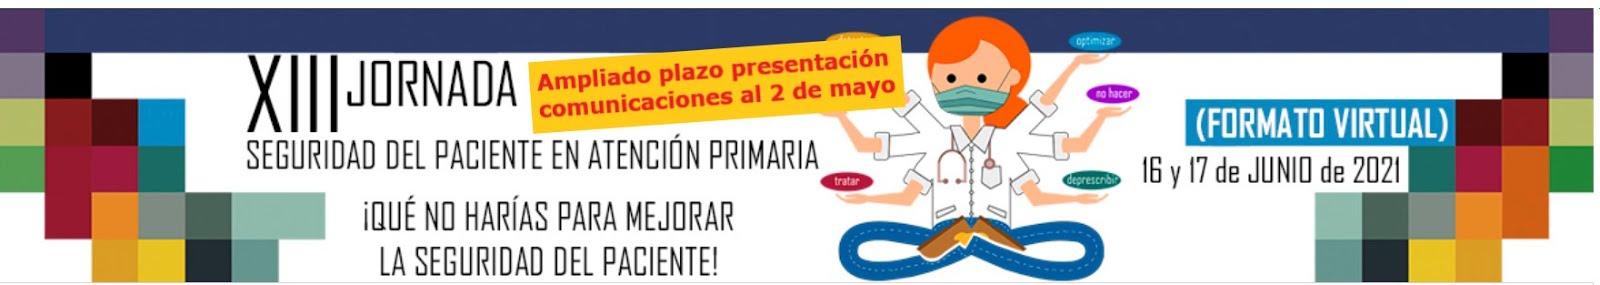 Ampliado al 2 de mayo, 23:59 h, plazo de presentación de comunicaciones a la XIII Jornada #SegPacA